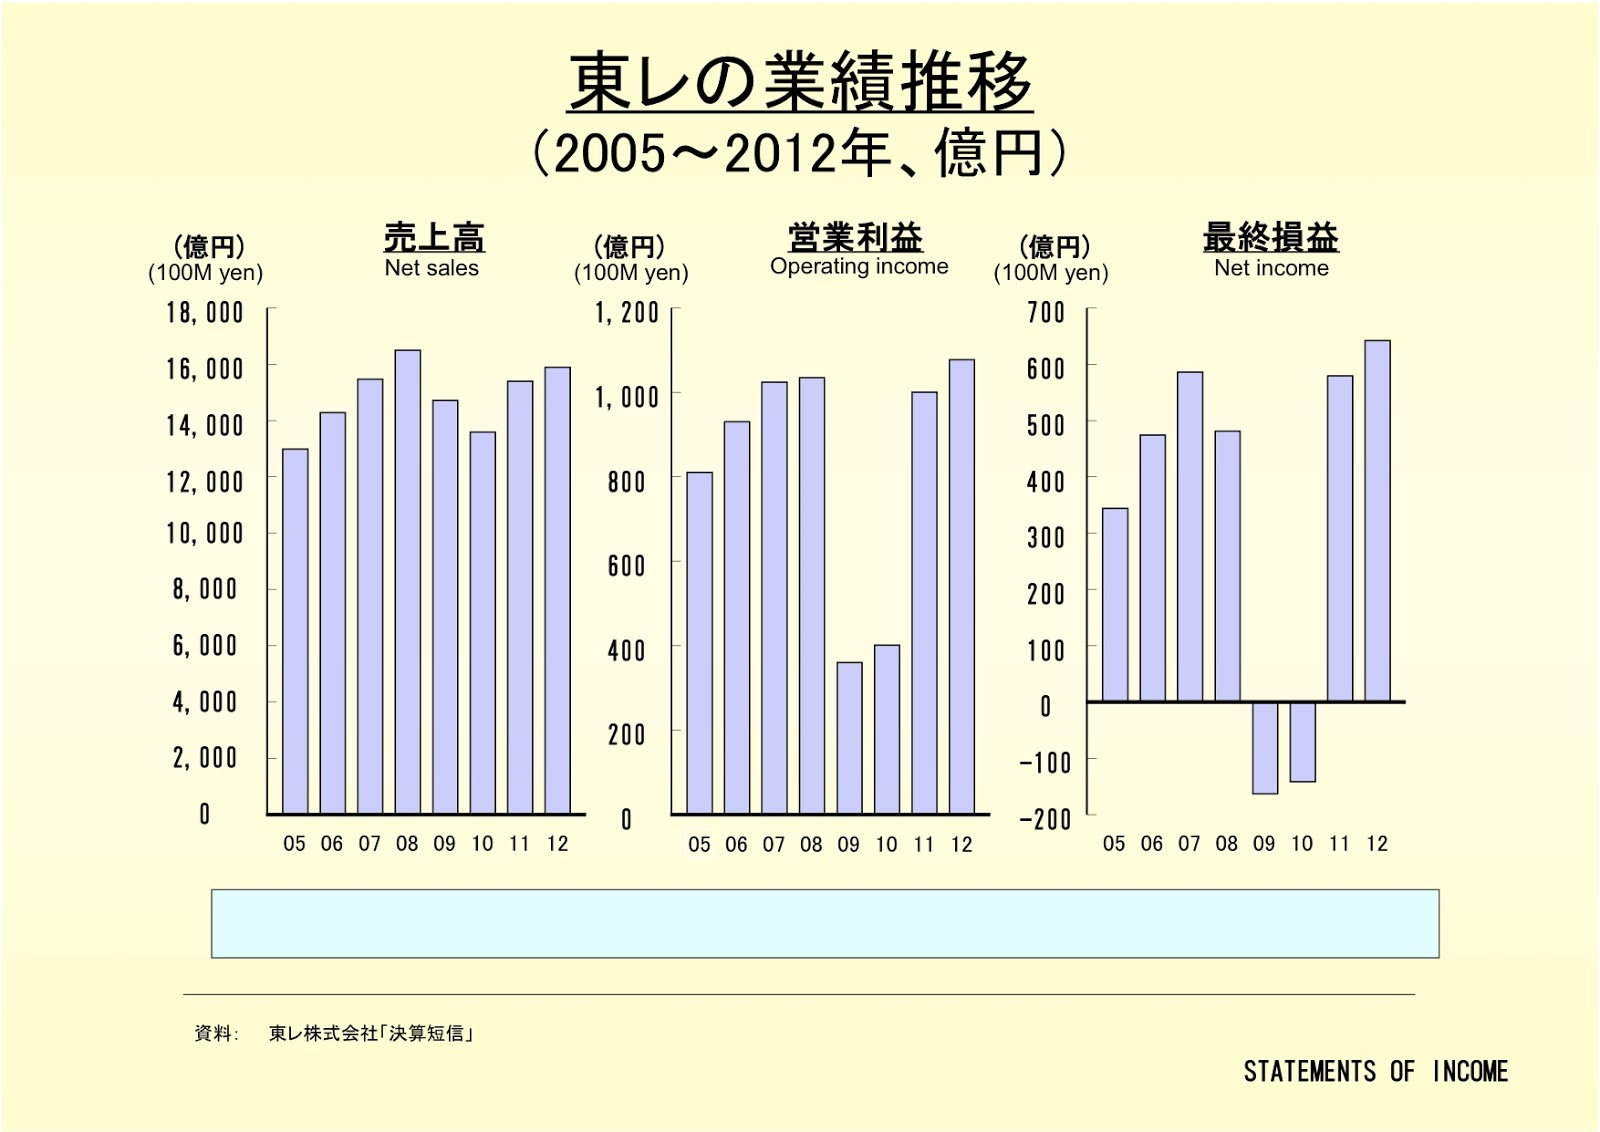 東レ株式会社の業績推移